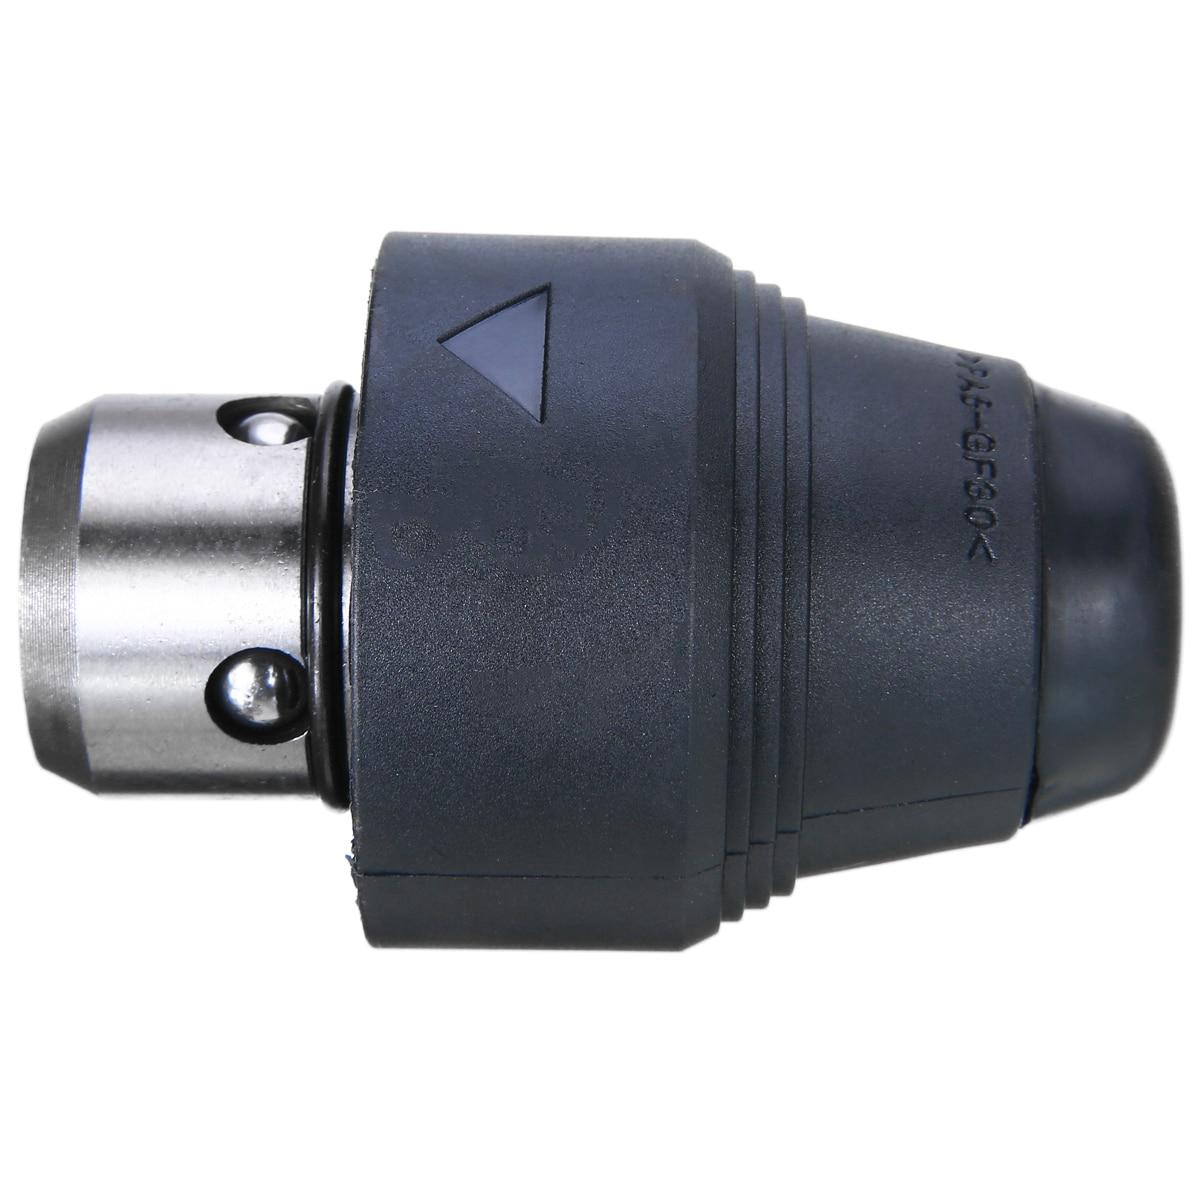 New Bosch KEYLESS quick drill chuck GBH 2-26 DFR adapter